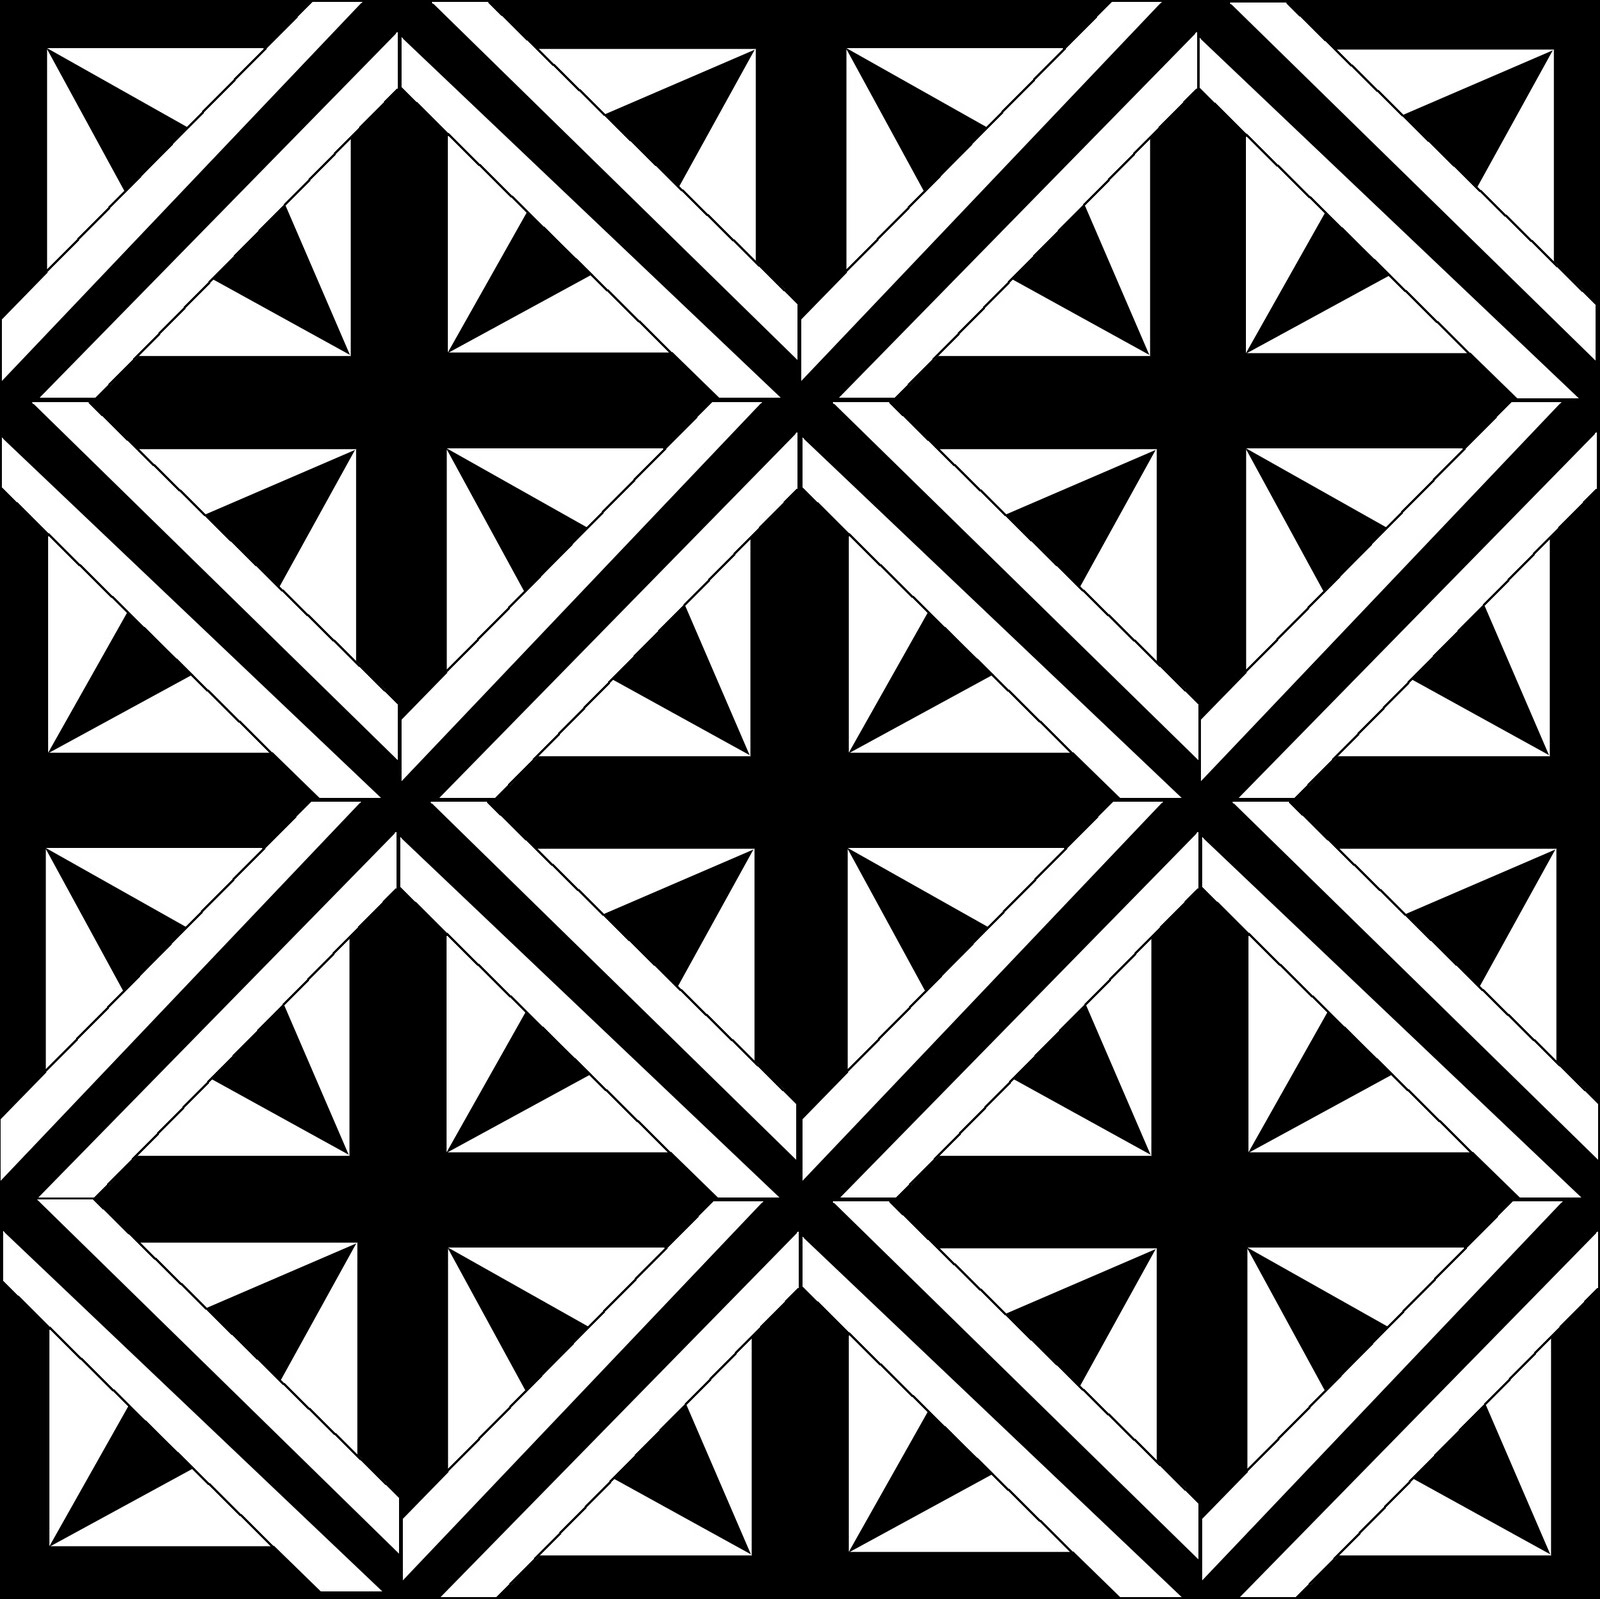 digital design and visualisation refined patterns. Black Bedroom Furniture Sets. Home Design Ideas